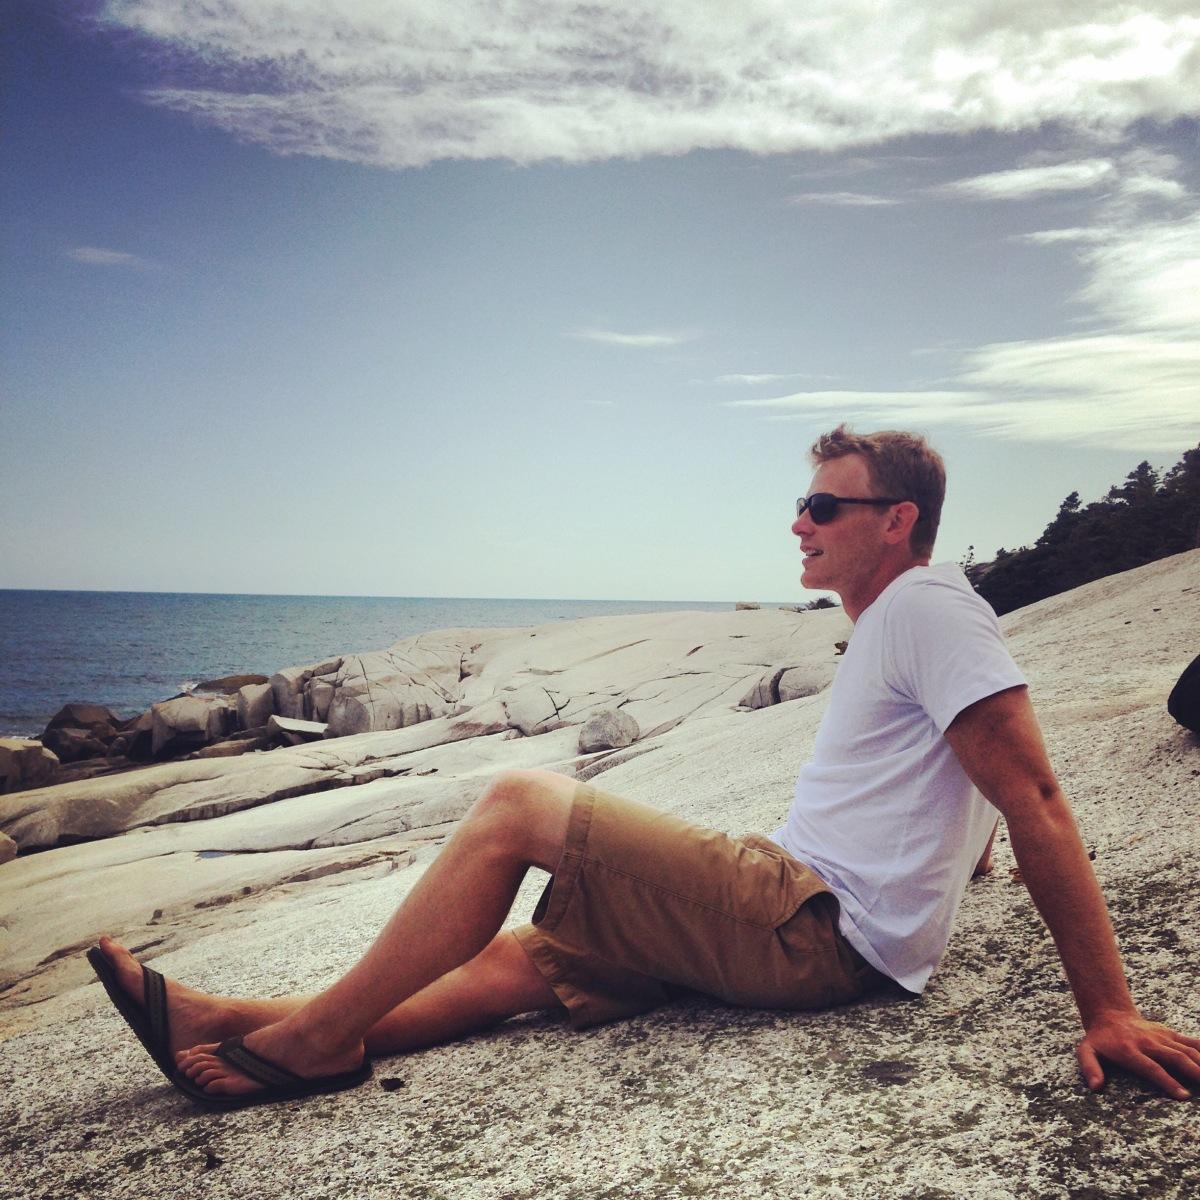 Crystal Crescent Beach off-leash dog-friendly